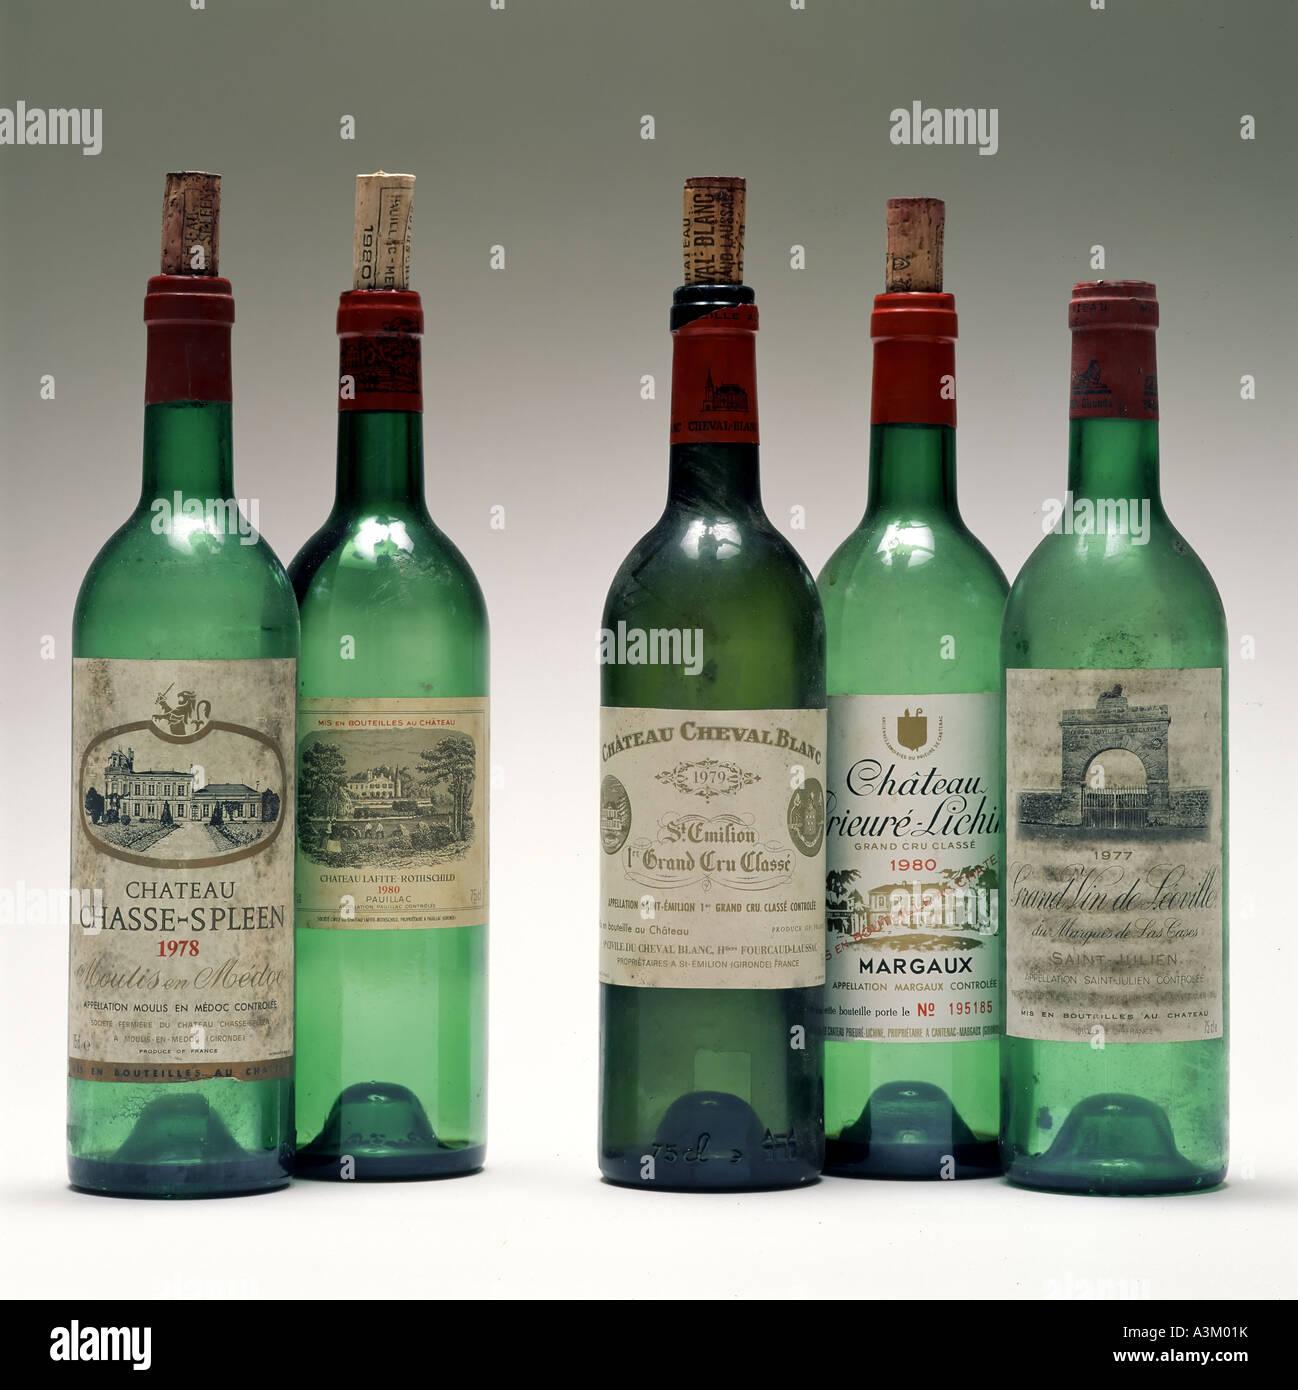 Empty bottles of Bordeaux Grand Cru Classé vintage red wines